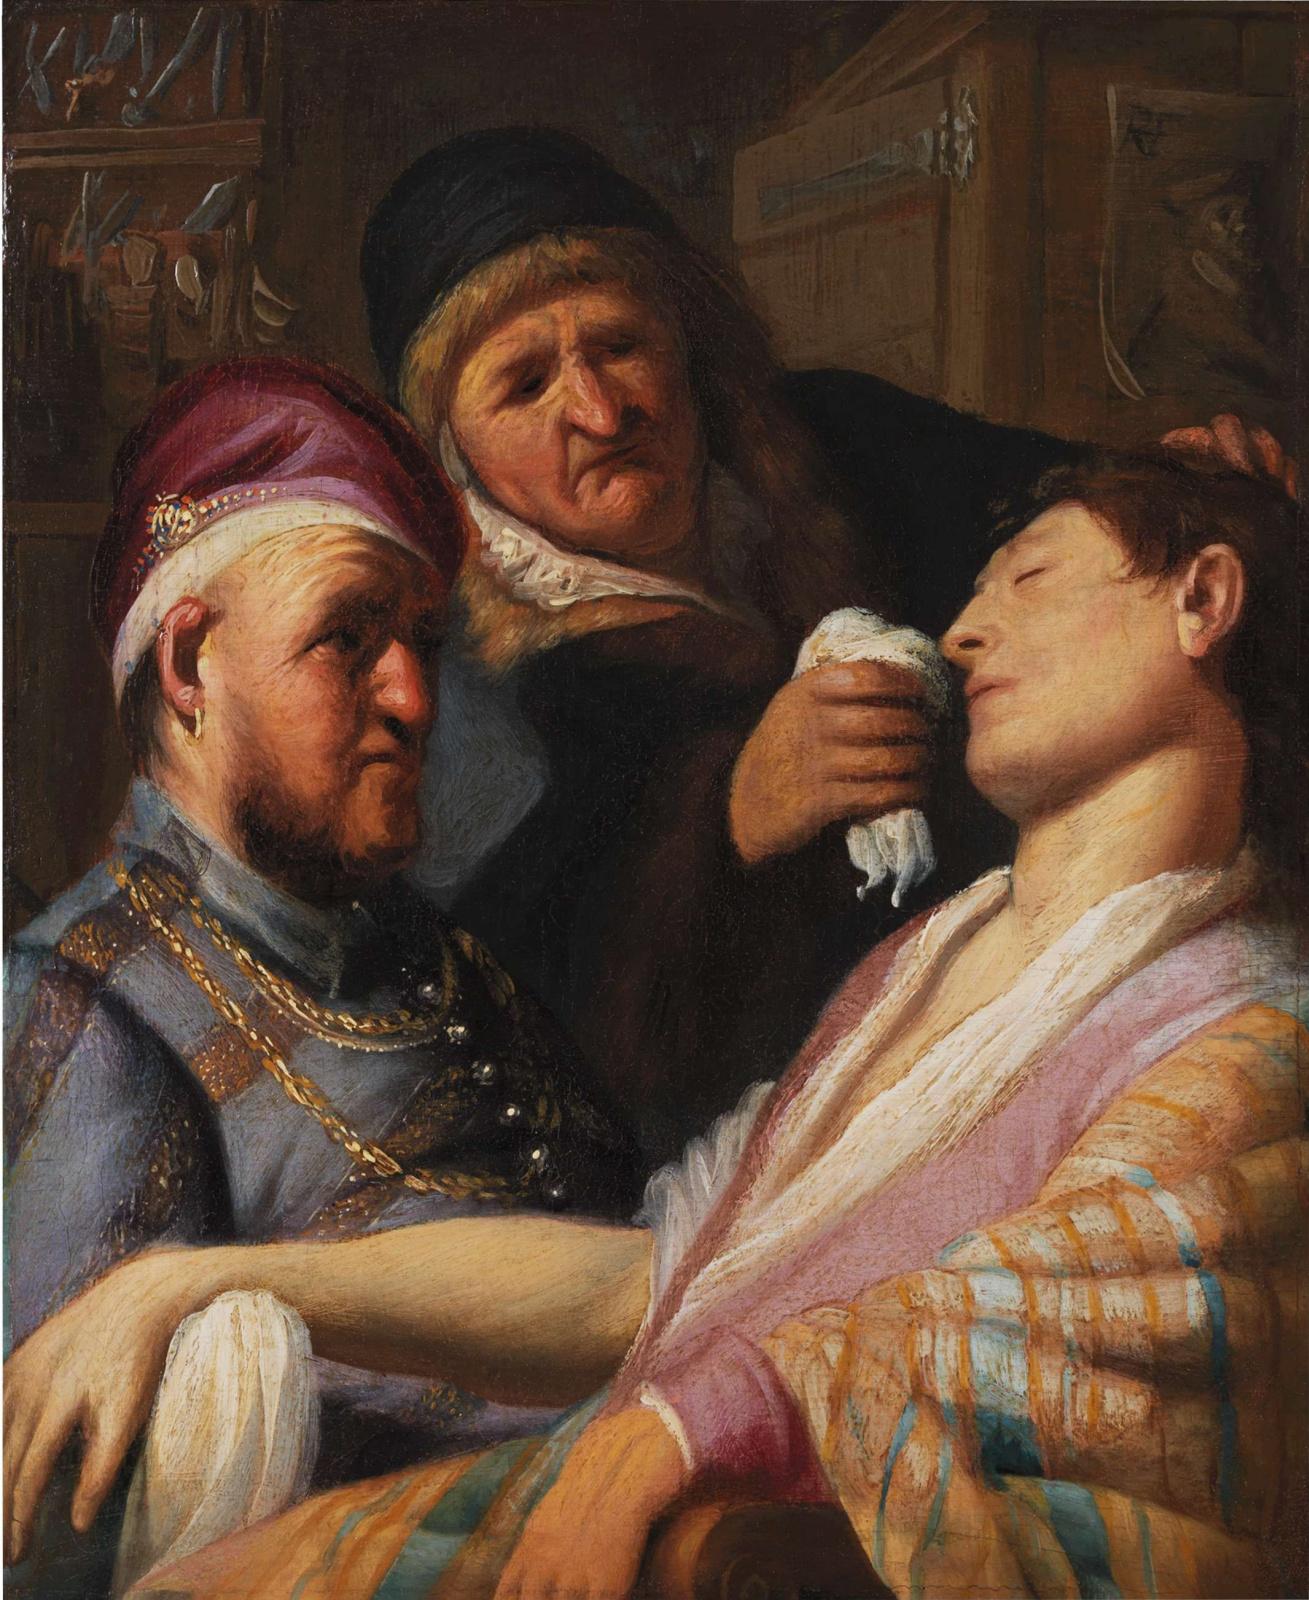 Рембрандт Харменс ван Рейн. Пациент без сознания (Обоняние)